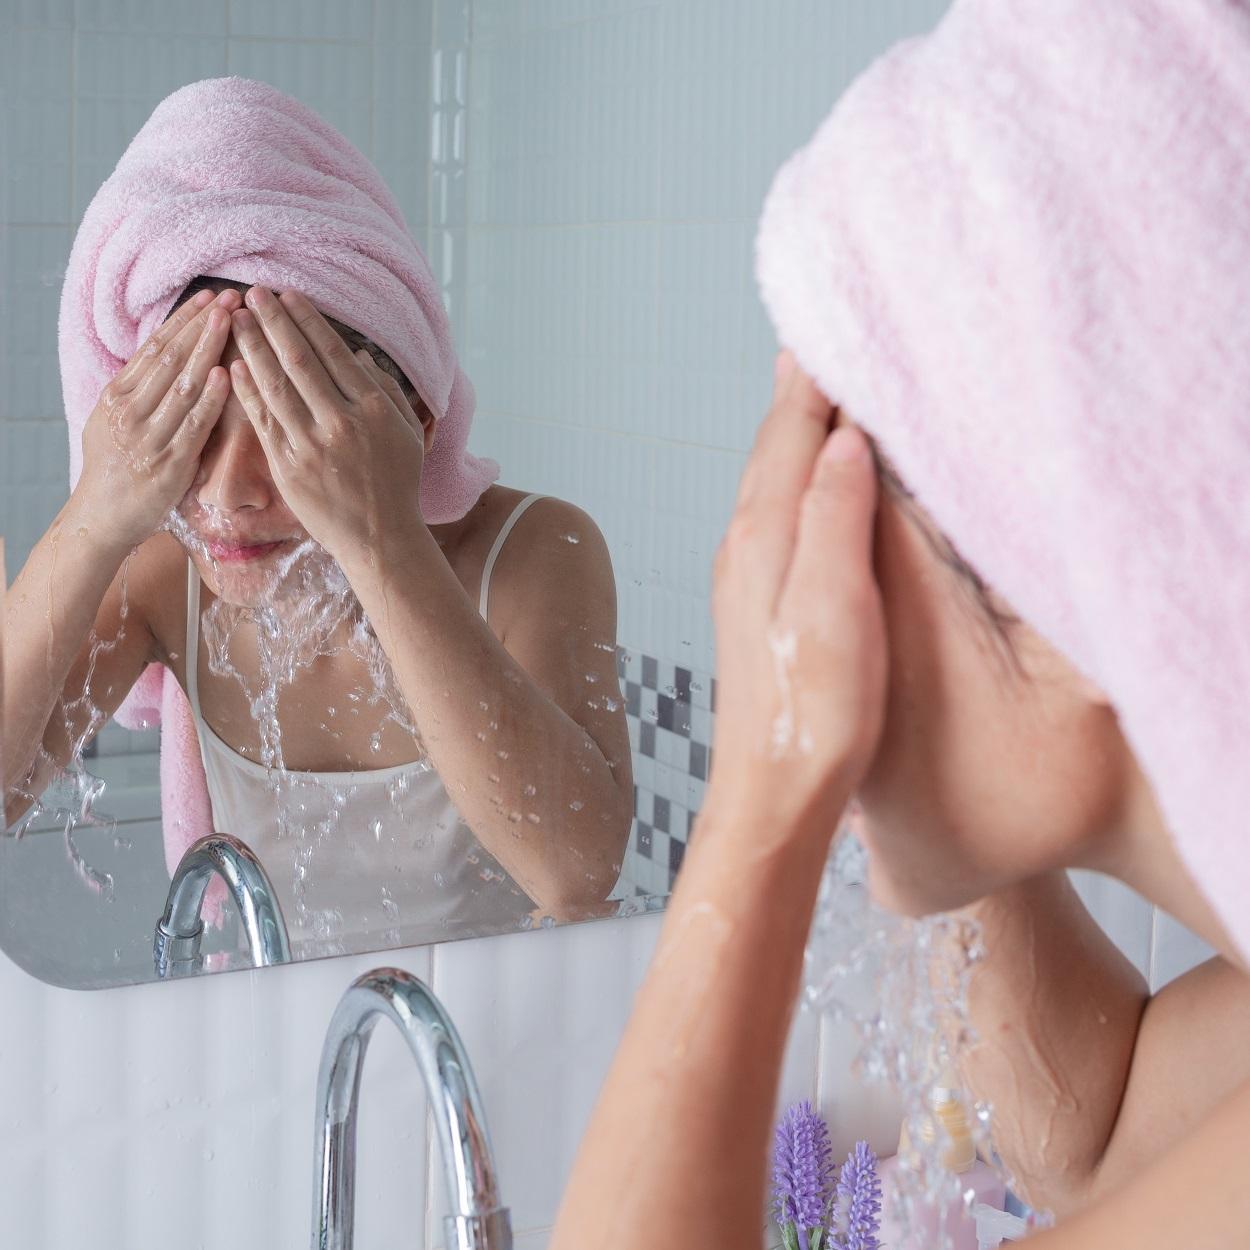 Limpeza da pele com poros abertos